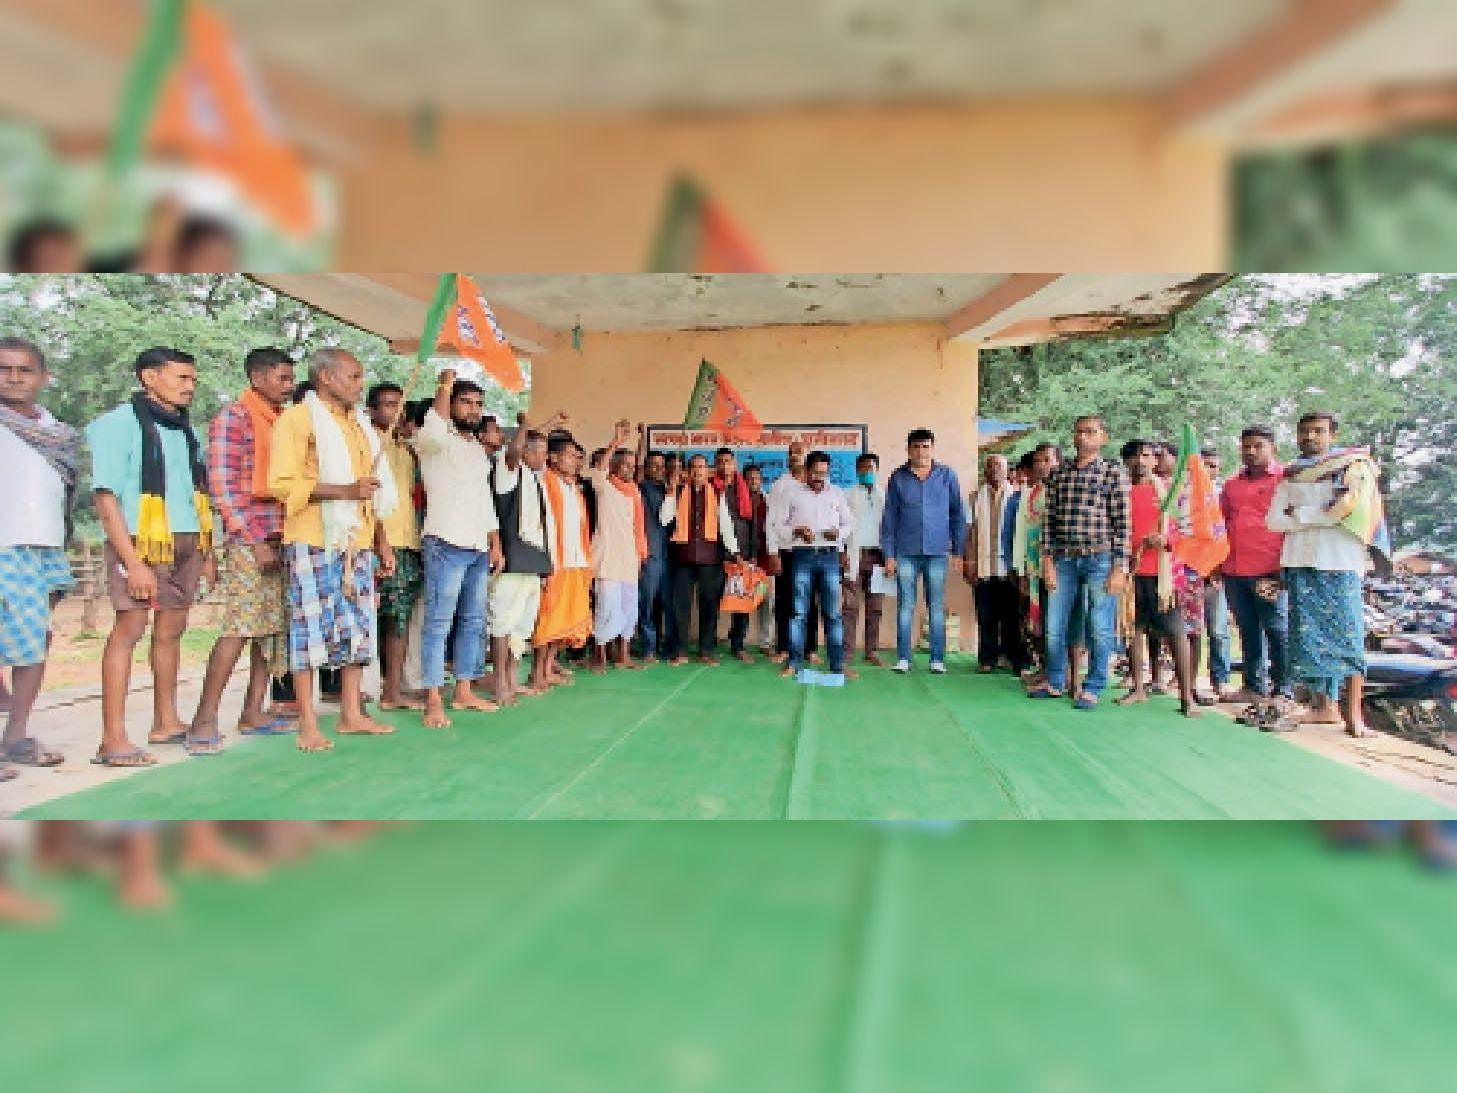 किसानों की समस्याओं को लेकर धरना प्रदर्शन करते भाजपाई। - Dainik Bhaskar